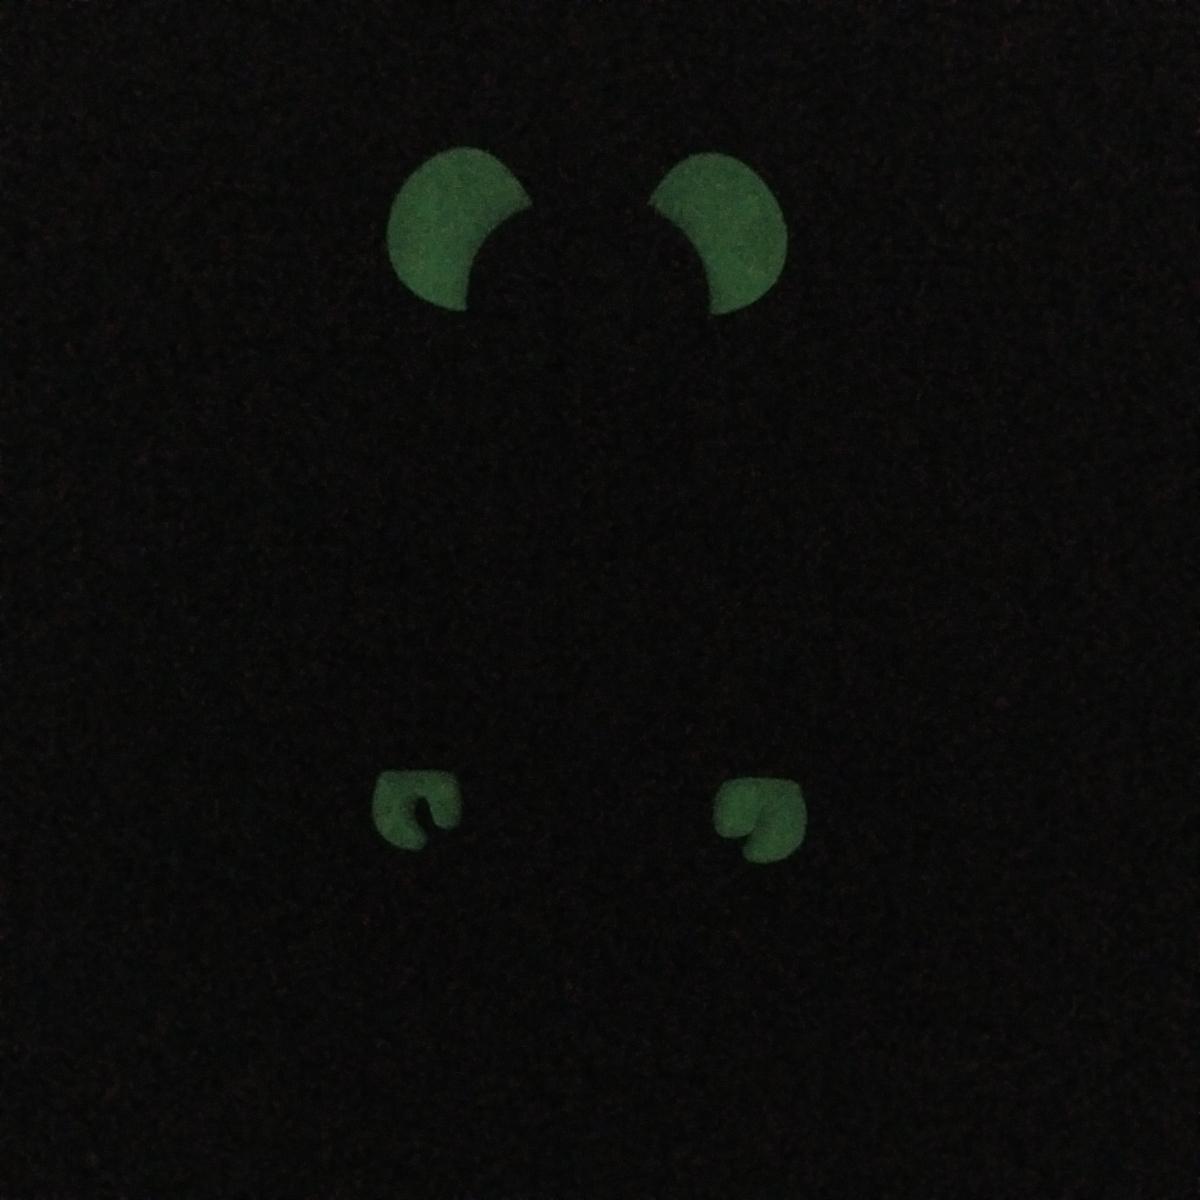 メディコムトイ BE@RBRICK ベアブリック アトモス atmos 10周年記念モデル 400% フロッキー 蓄光_画像10